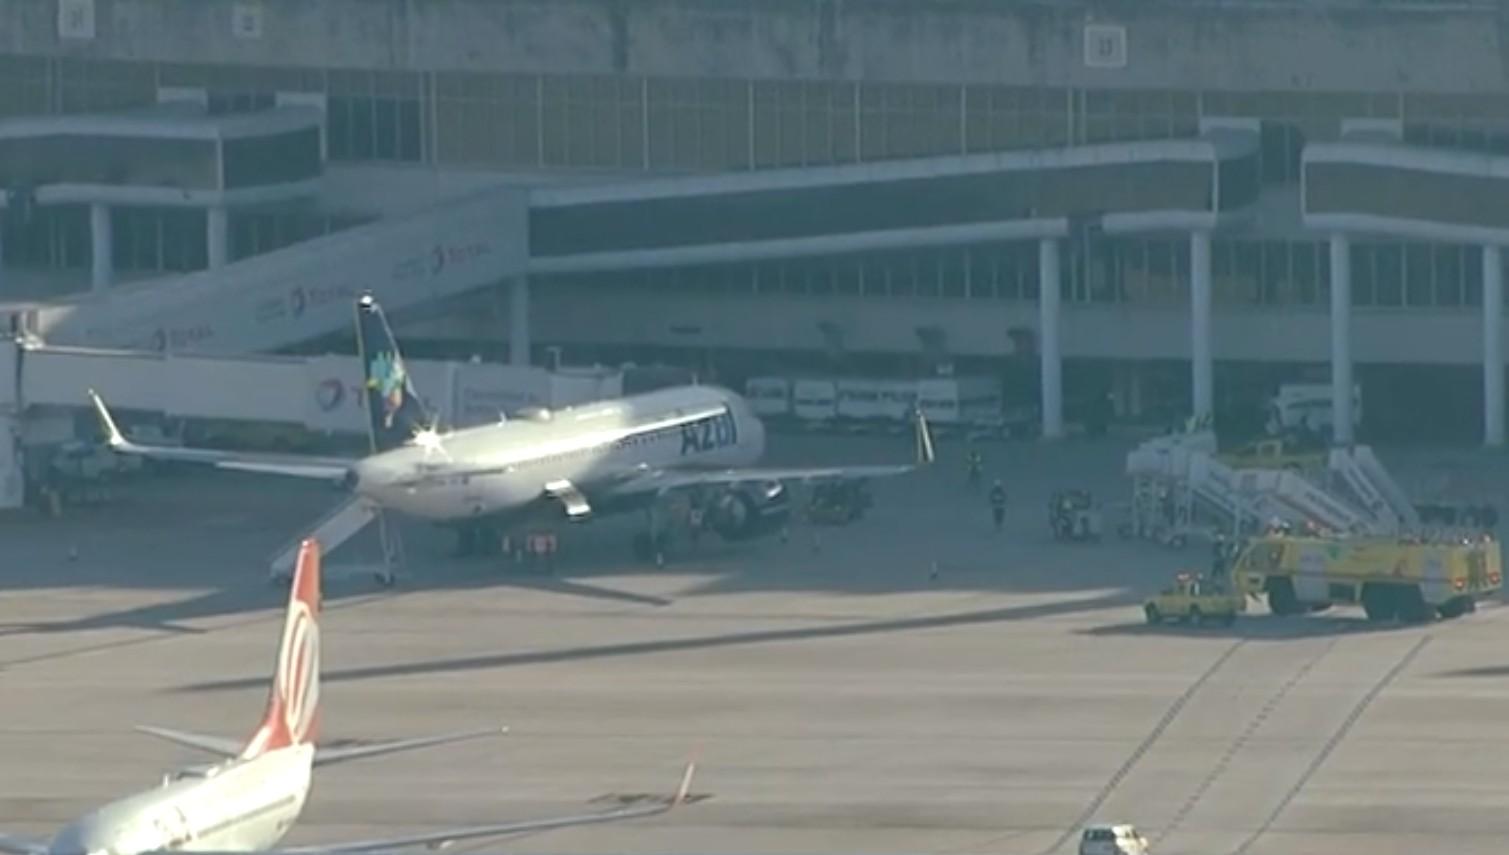 Avião com destino a Brasília faz pouso de emergência em aeroporto do RJ após 'problema técnico'